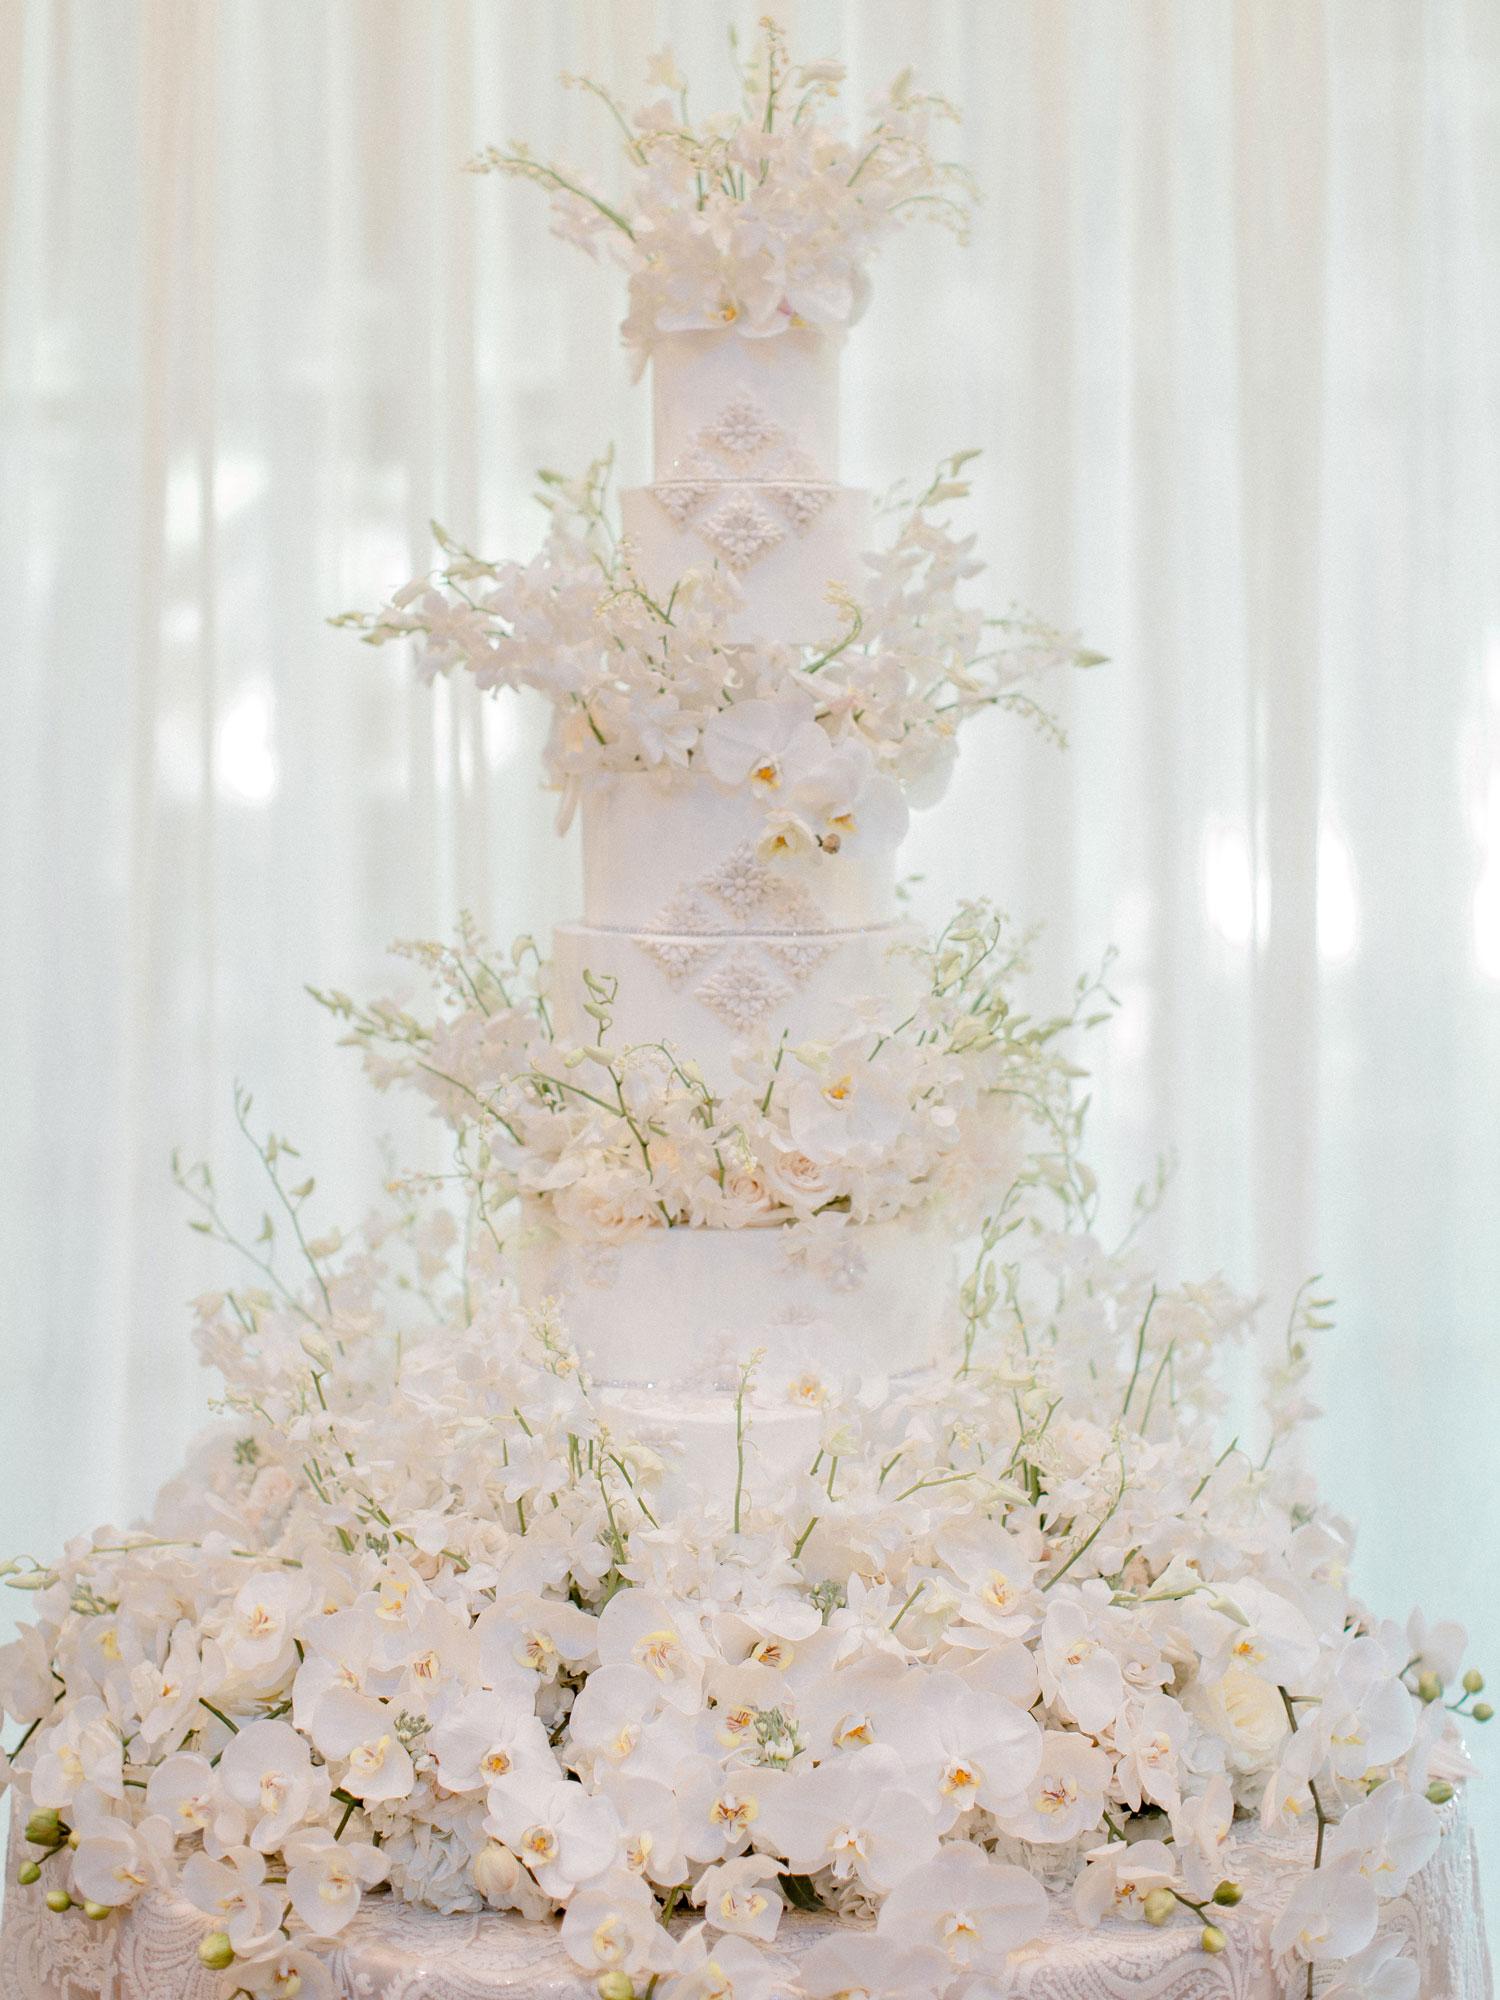 Elaborate white wedding cake opulent wedding cake decorating ideas